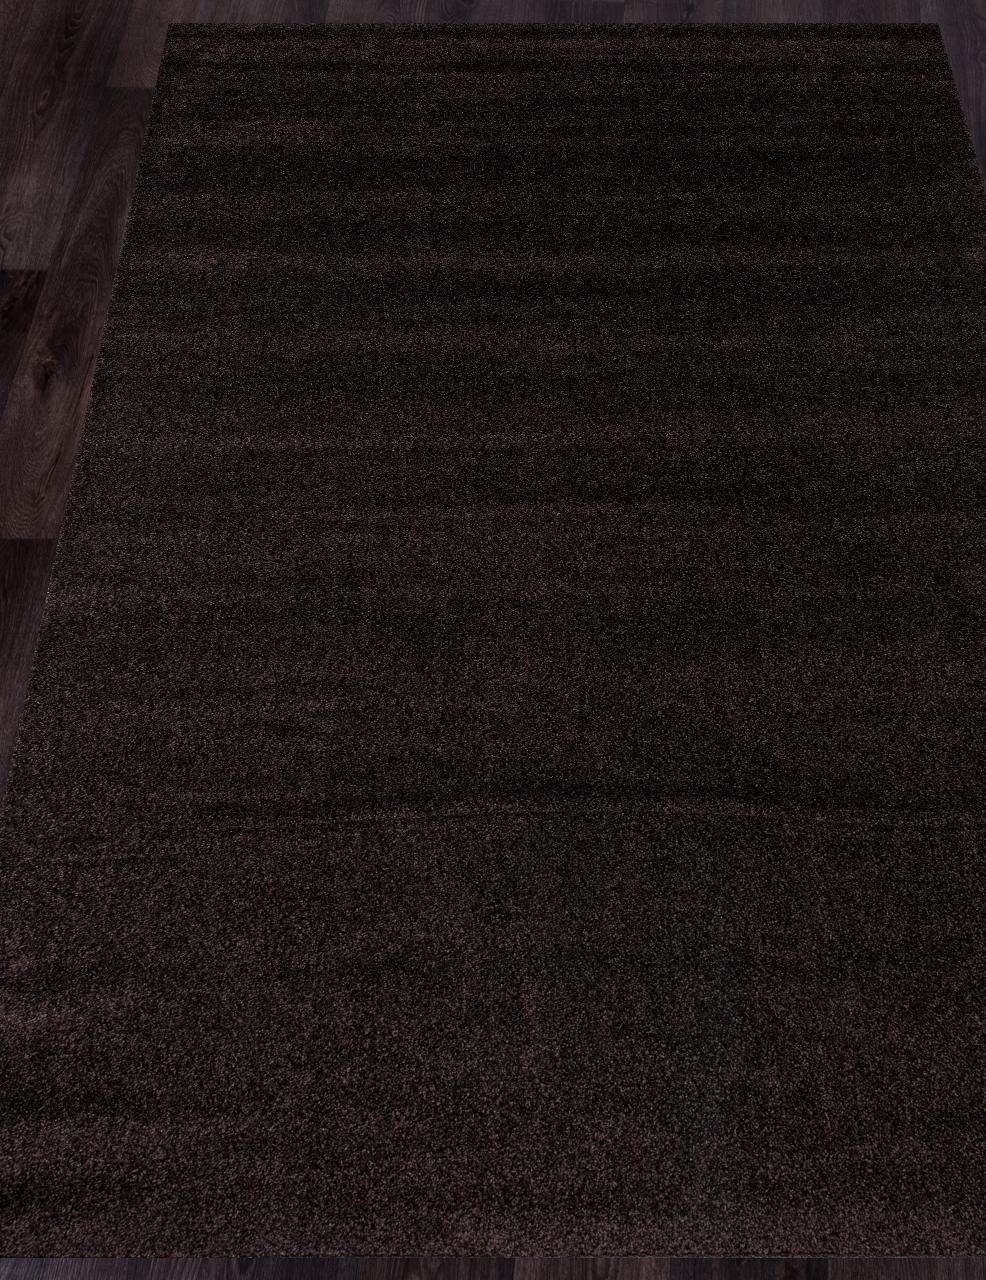 Ковер t600 - BROWN - Прямоугольник - коллекция PLATINUM